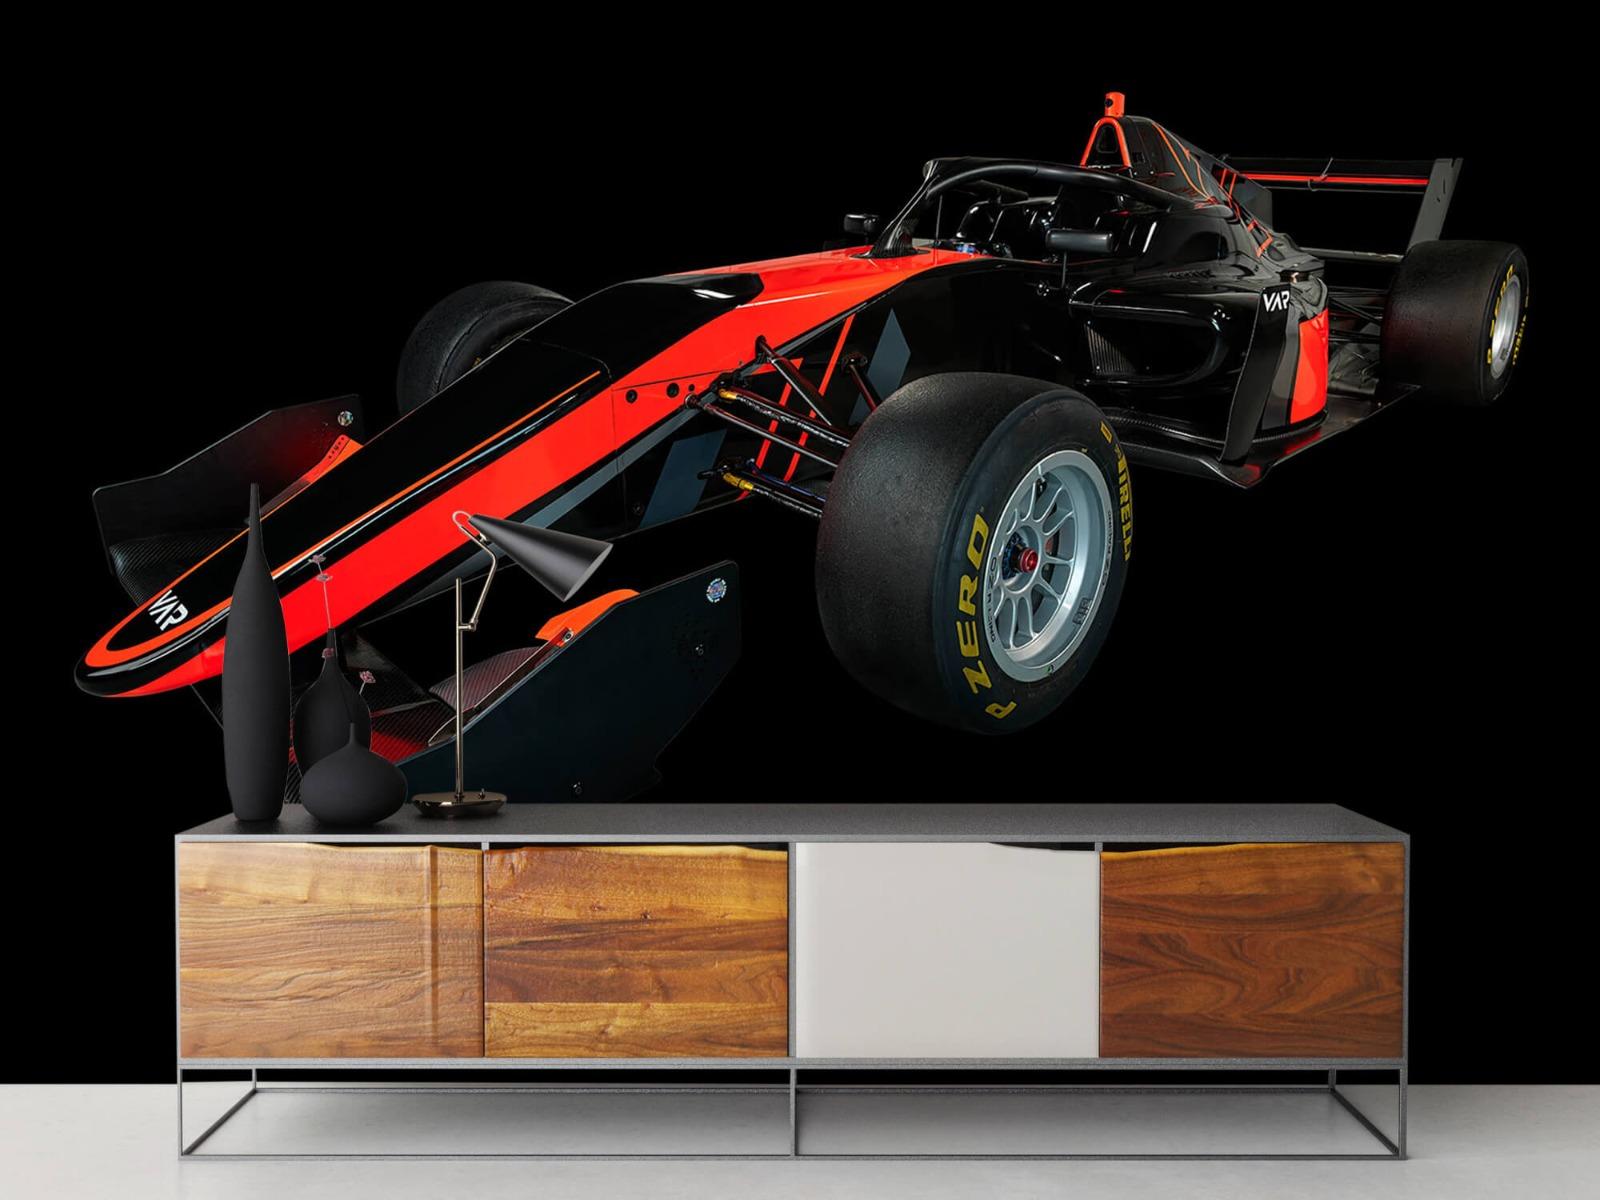 Sportauto's - Formule 3 - Left front view - dark - Vergaderruimte 16